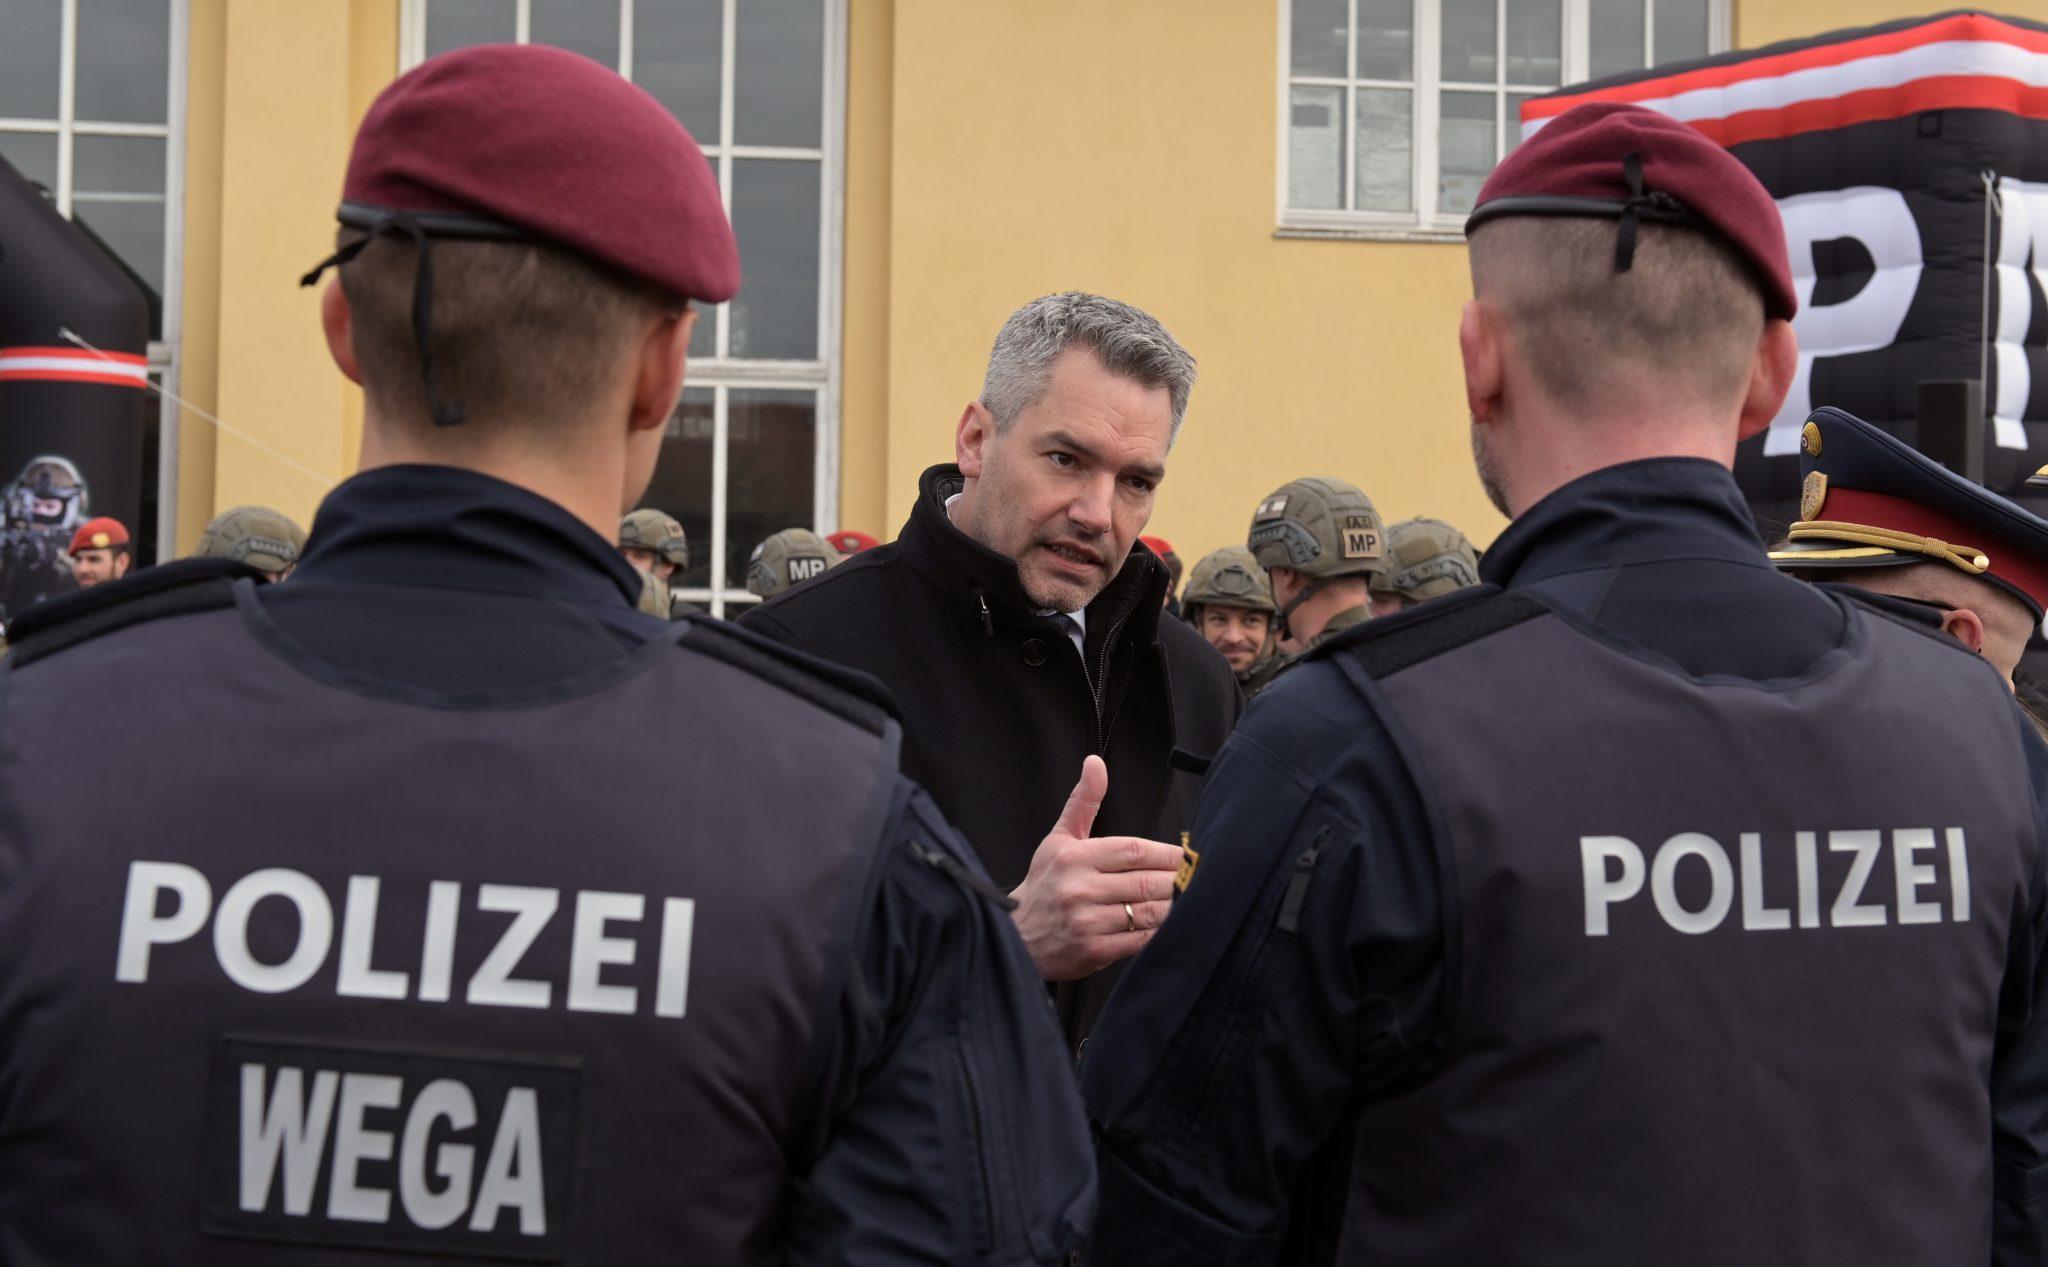 Innenminister Karl Nehammer (ÖVP) mit Polizisten